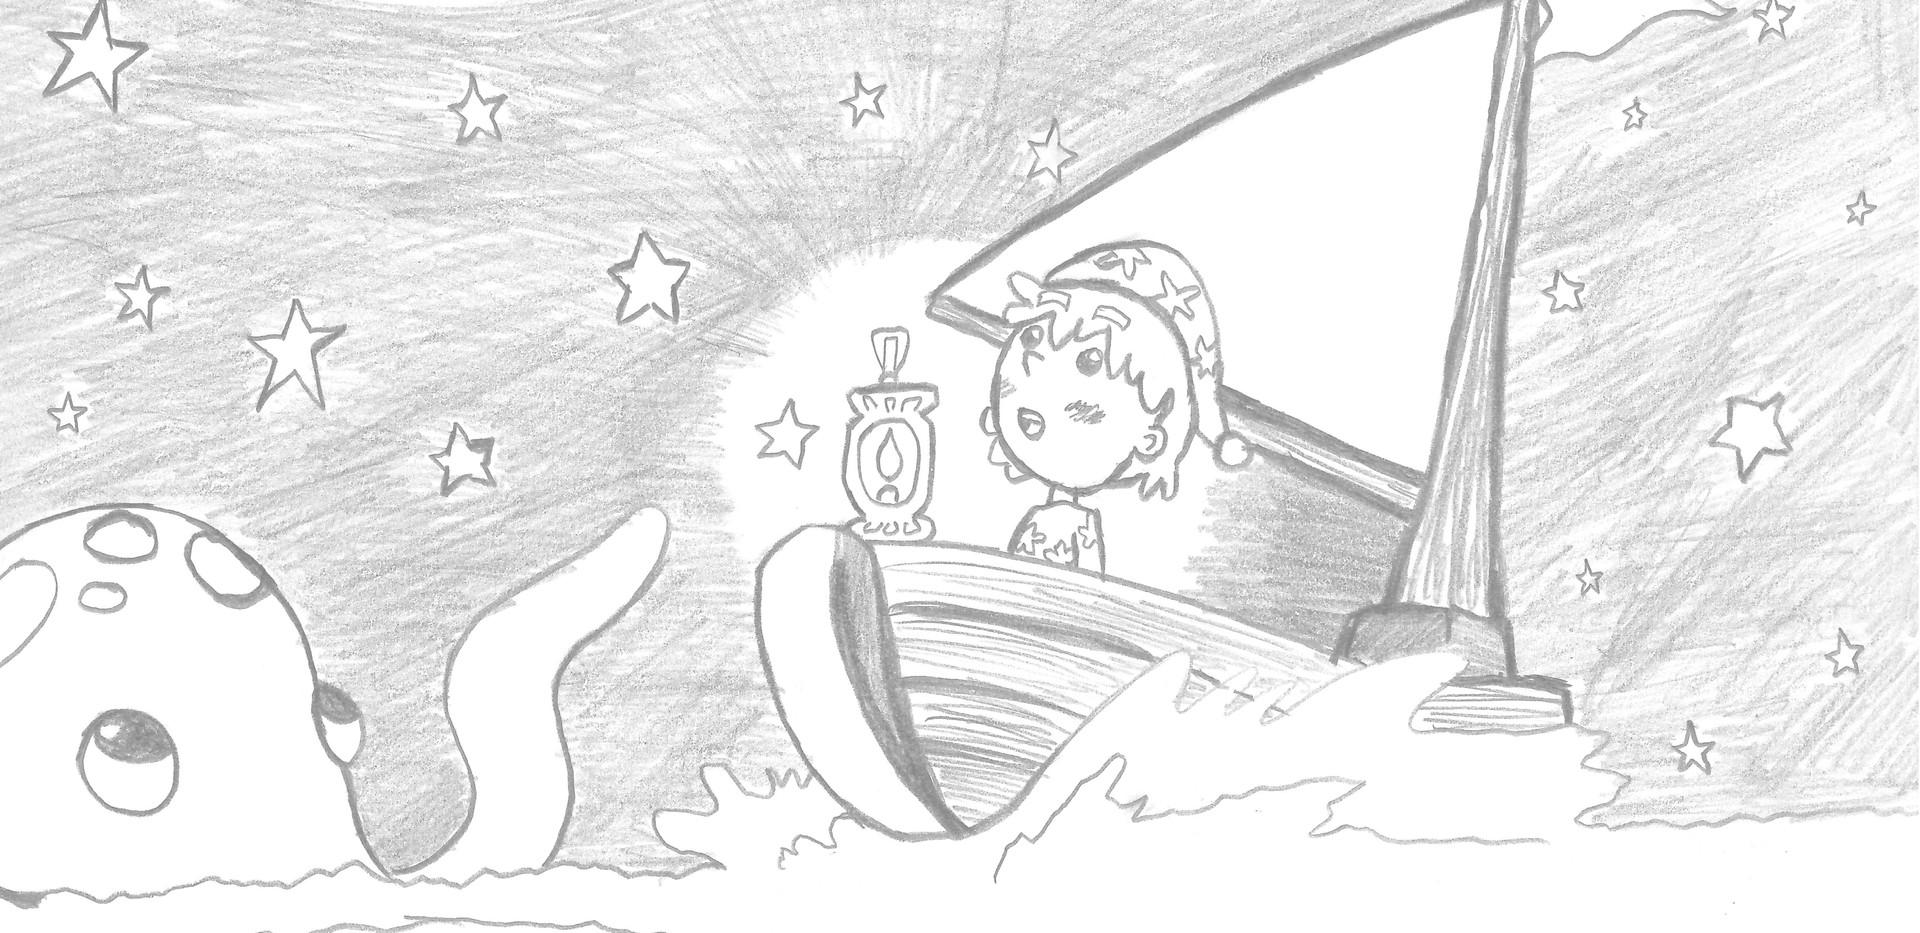 ChildrenBook-Colored-Ocean-Porgress-1.jp